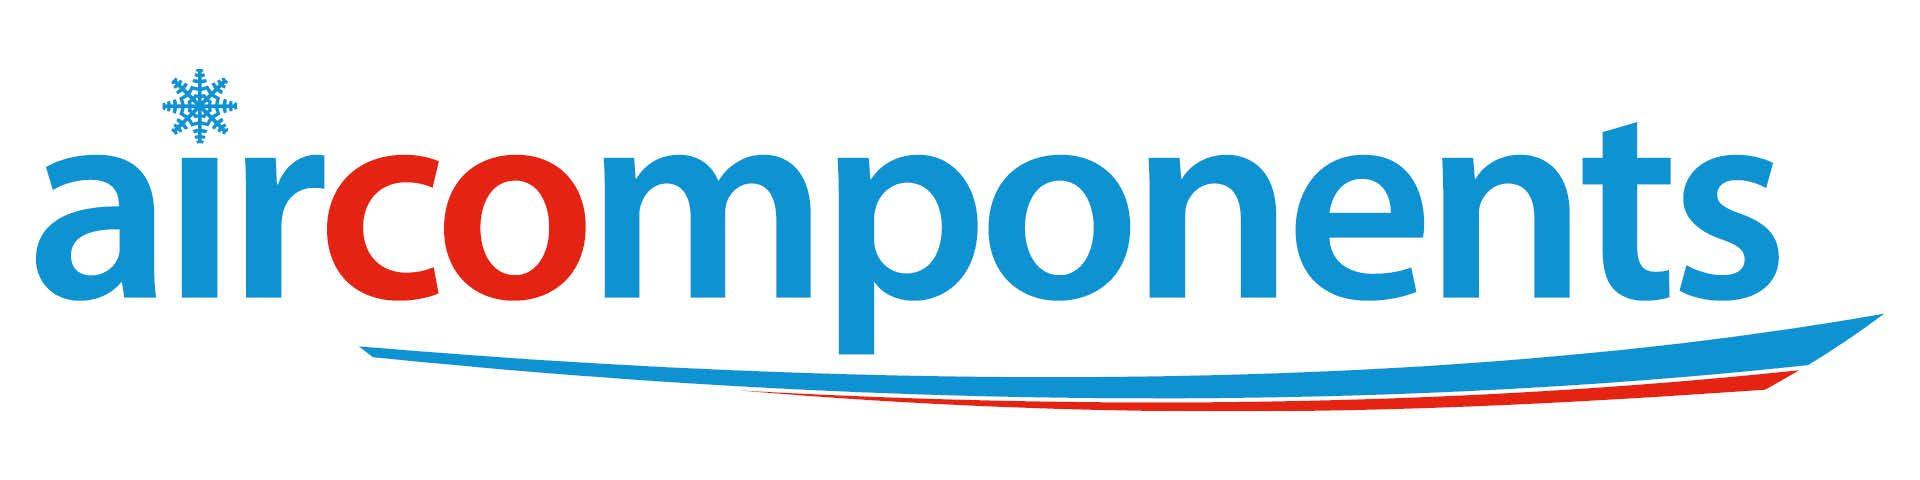 Frigro Aircomponents logo